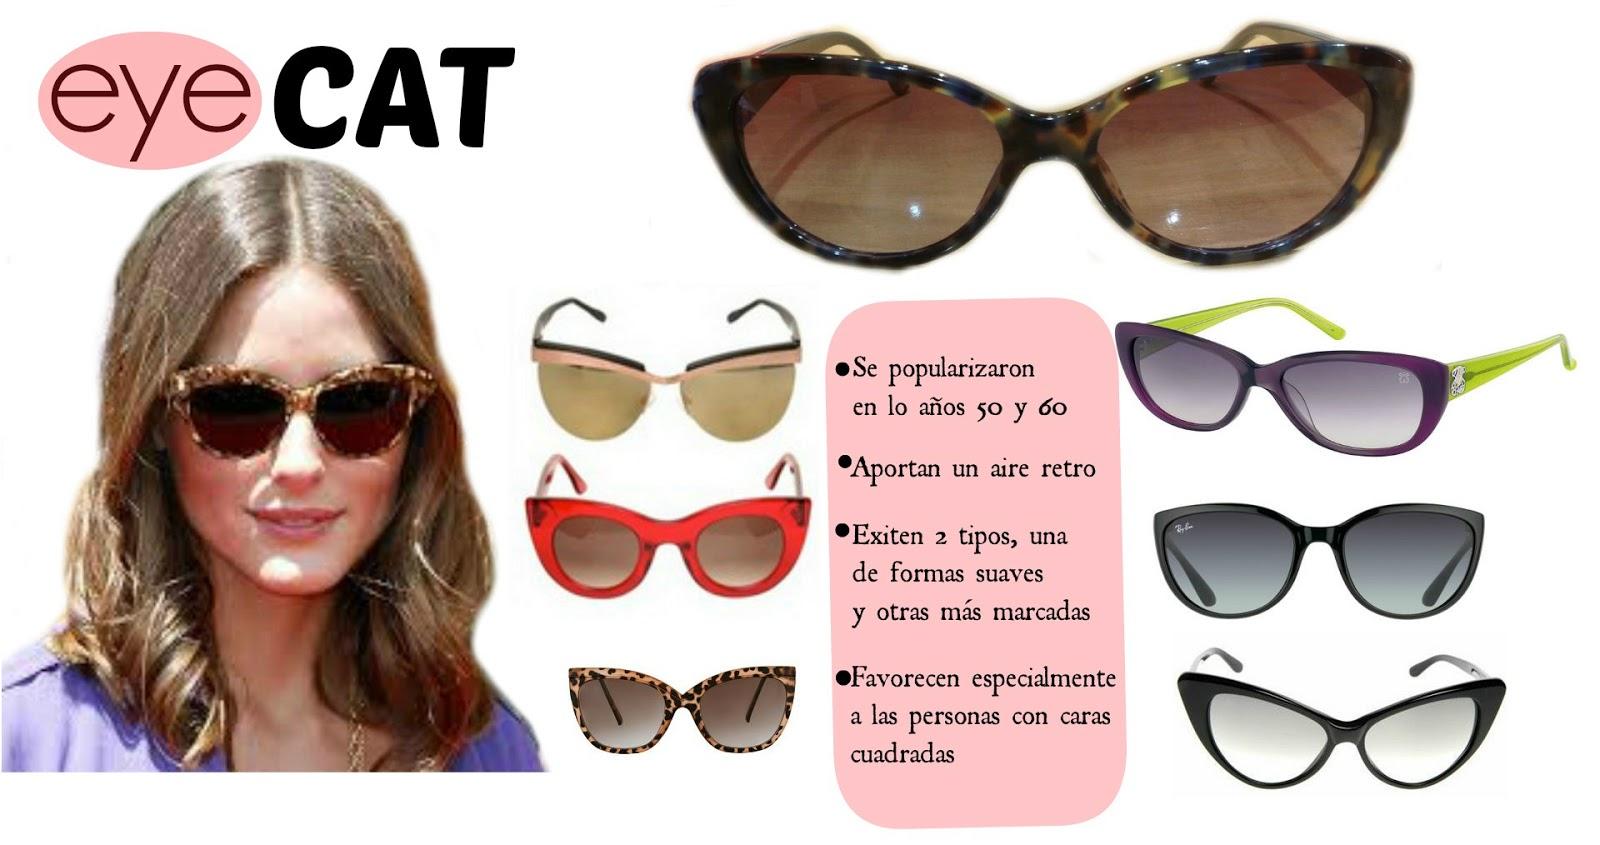 Qué gafas se llevarán este verano - Less is more